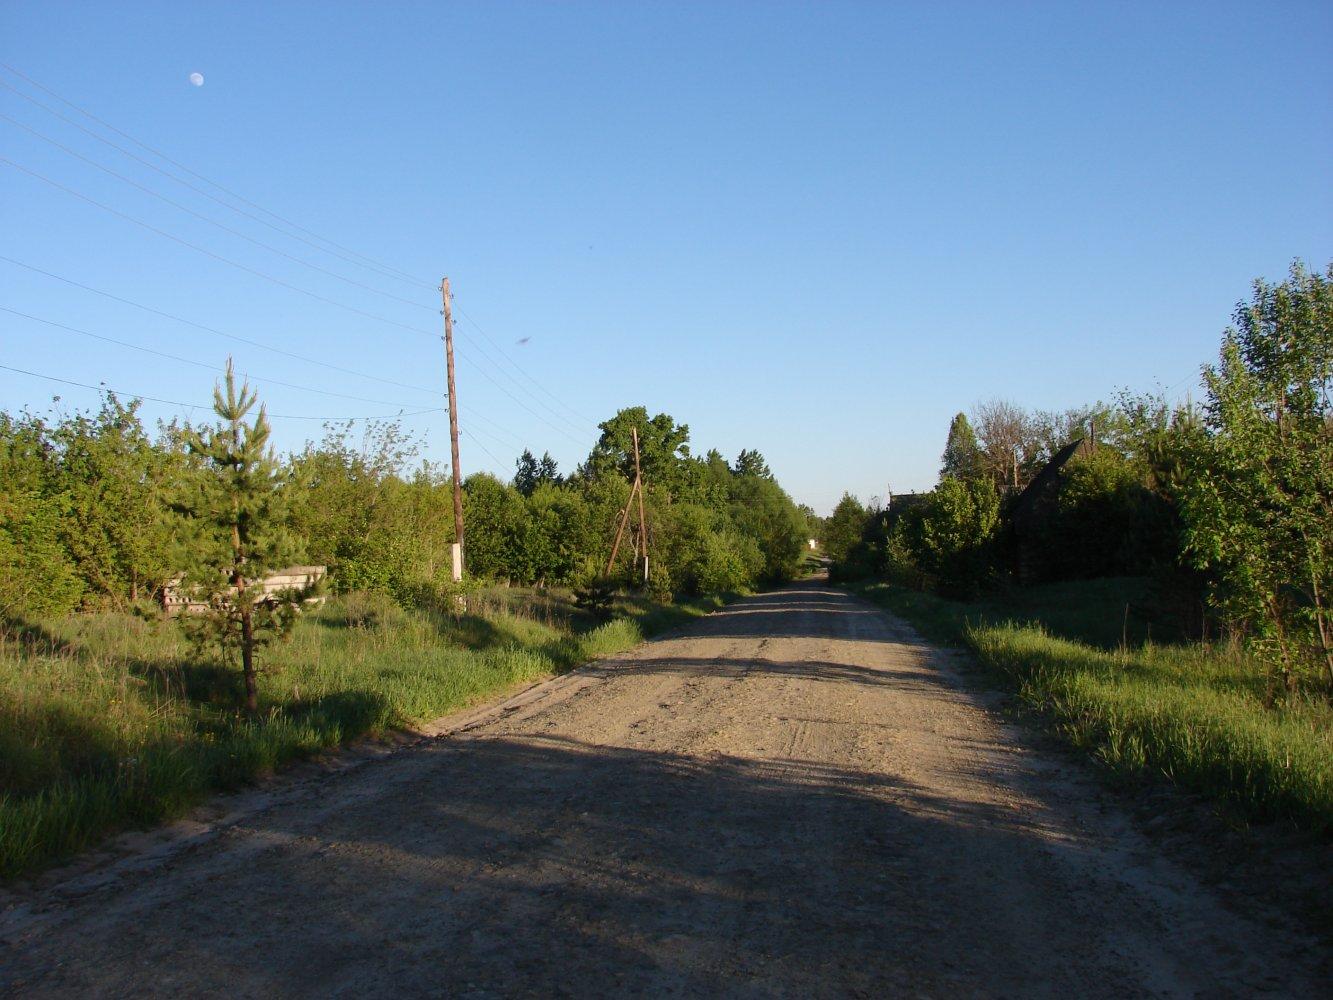 Фото DSC05117.JPG. Россия, Ульяновская область, Unnamed Road